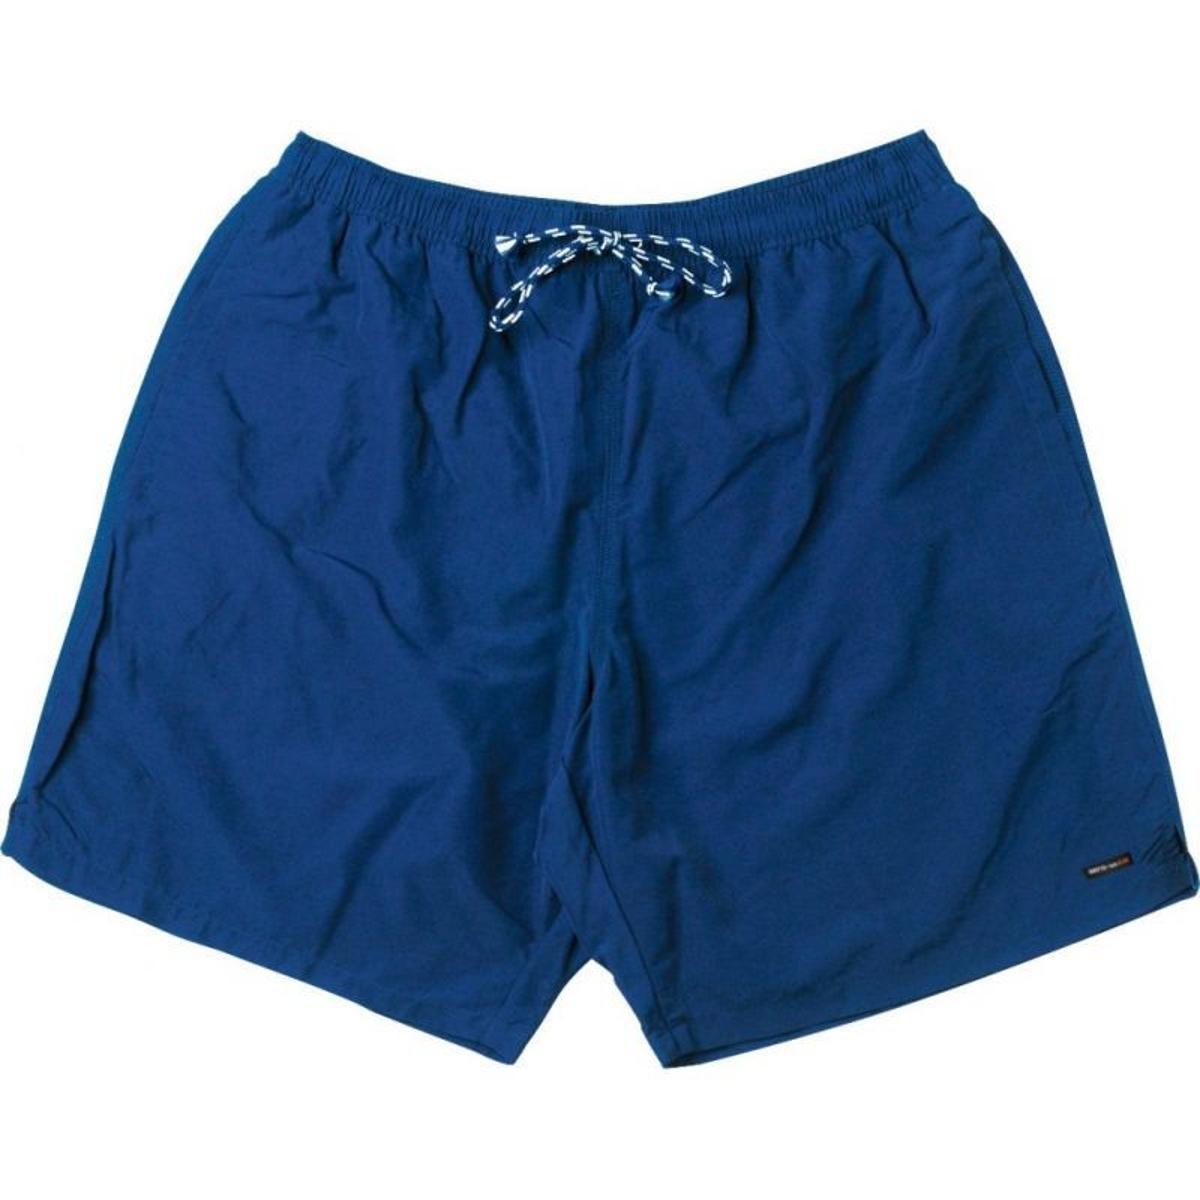 Short de bain North bleu cobalt